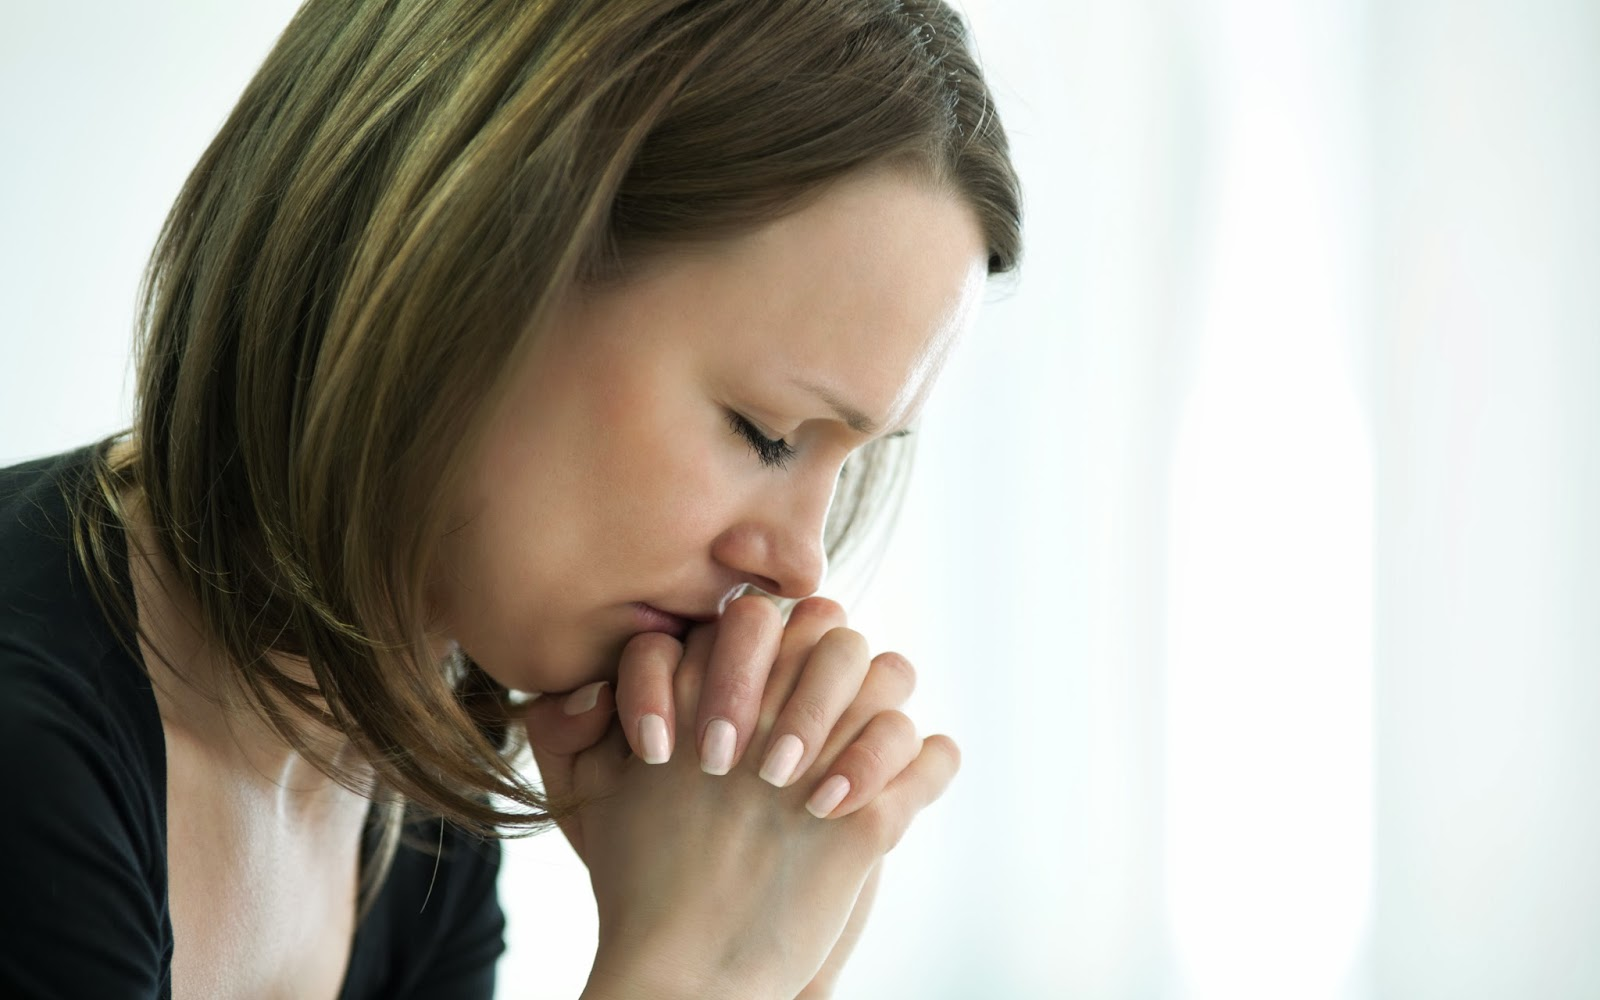 Для самого депрессивного дня в году британские католики составили специальные молитвы